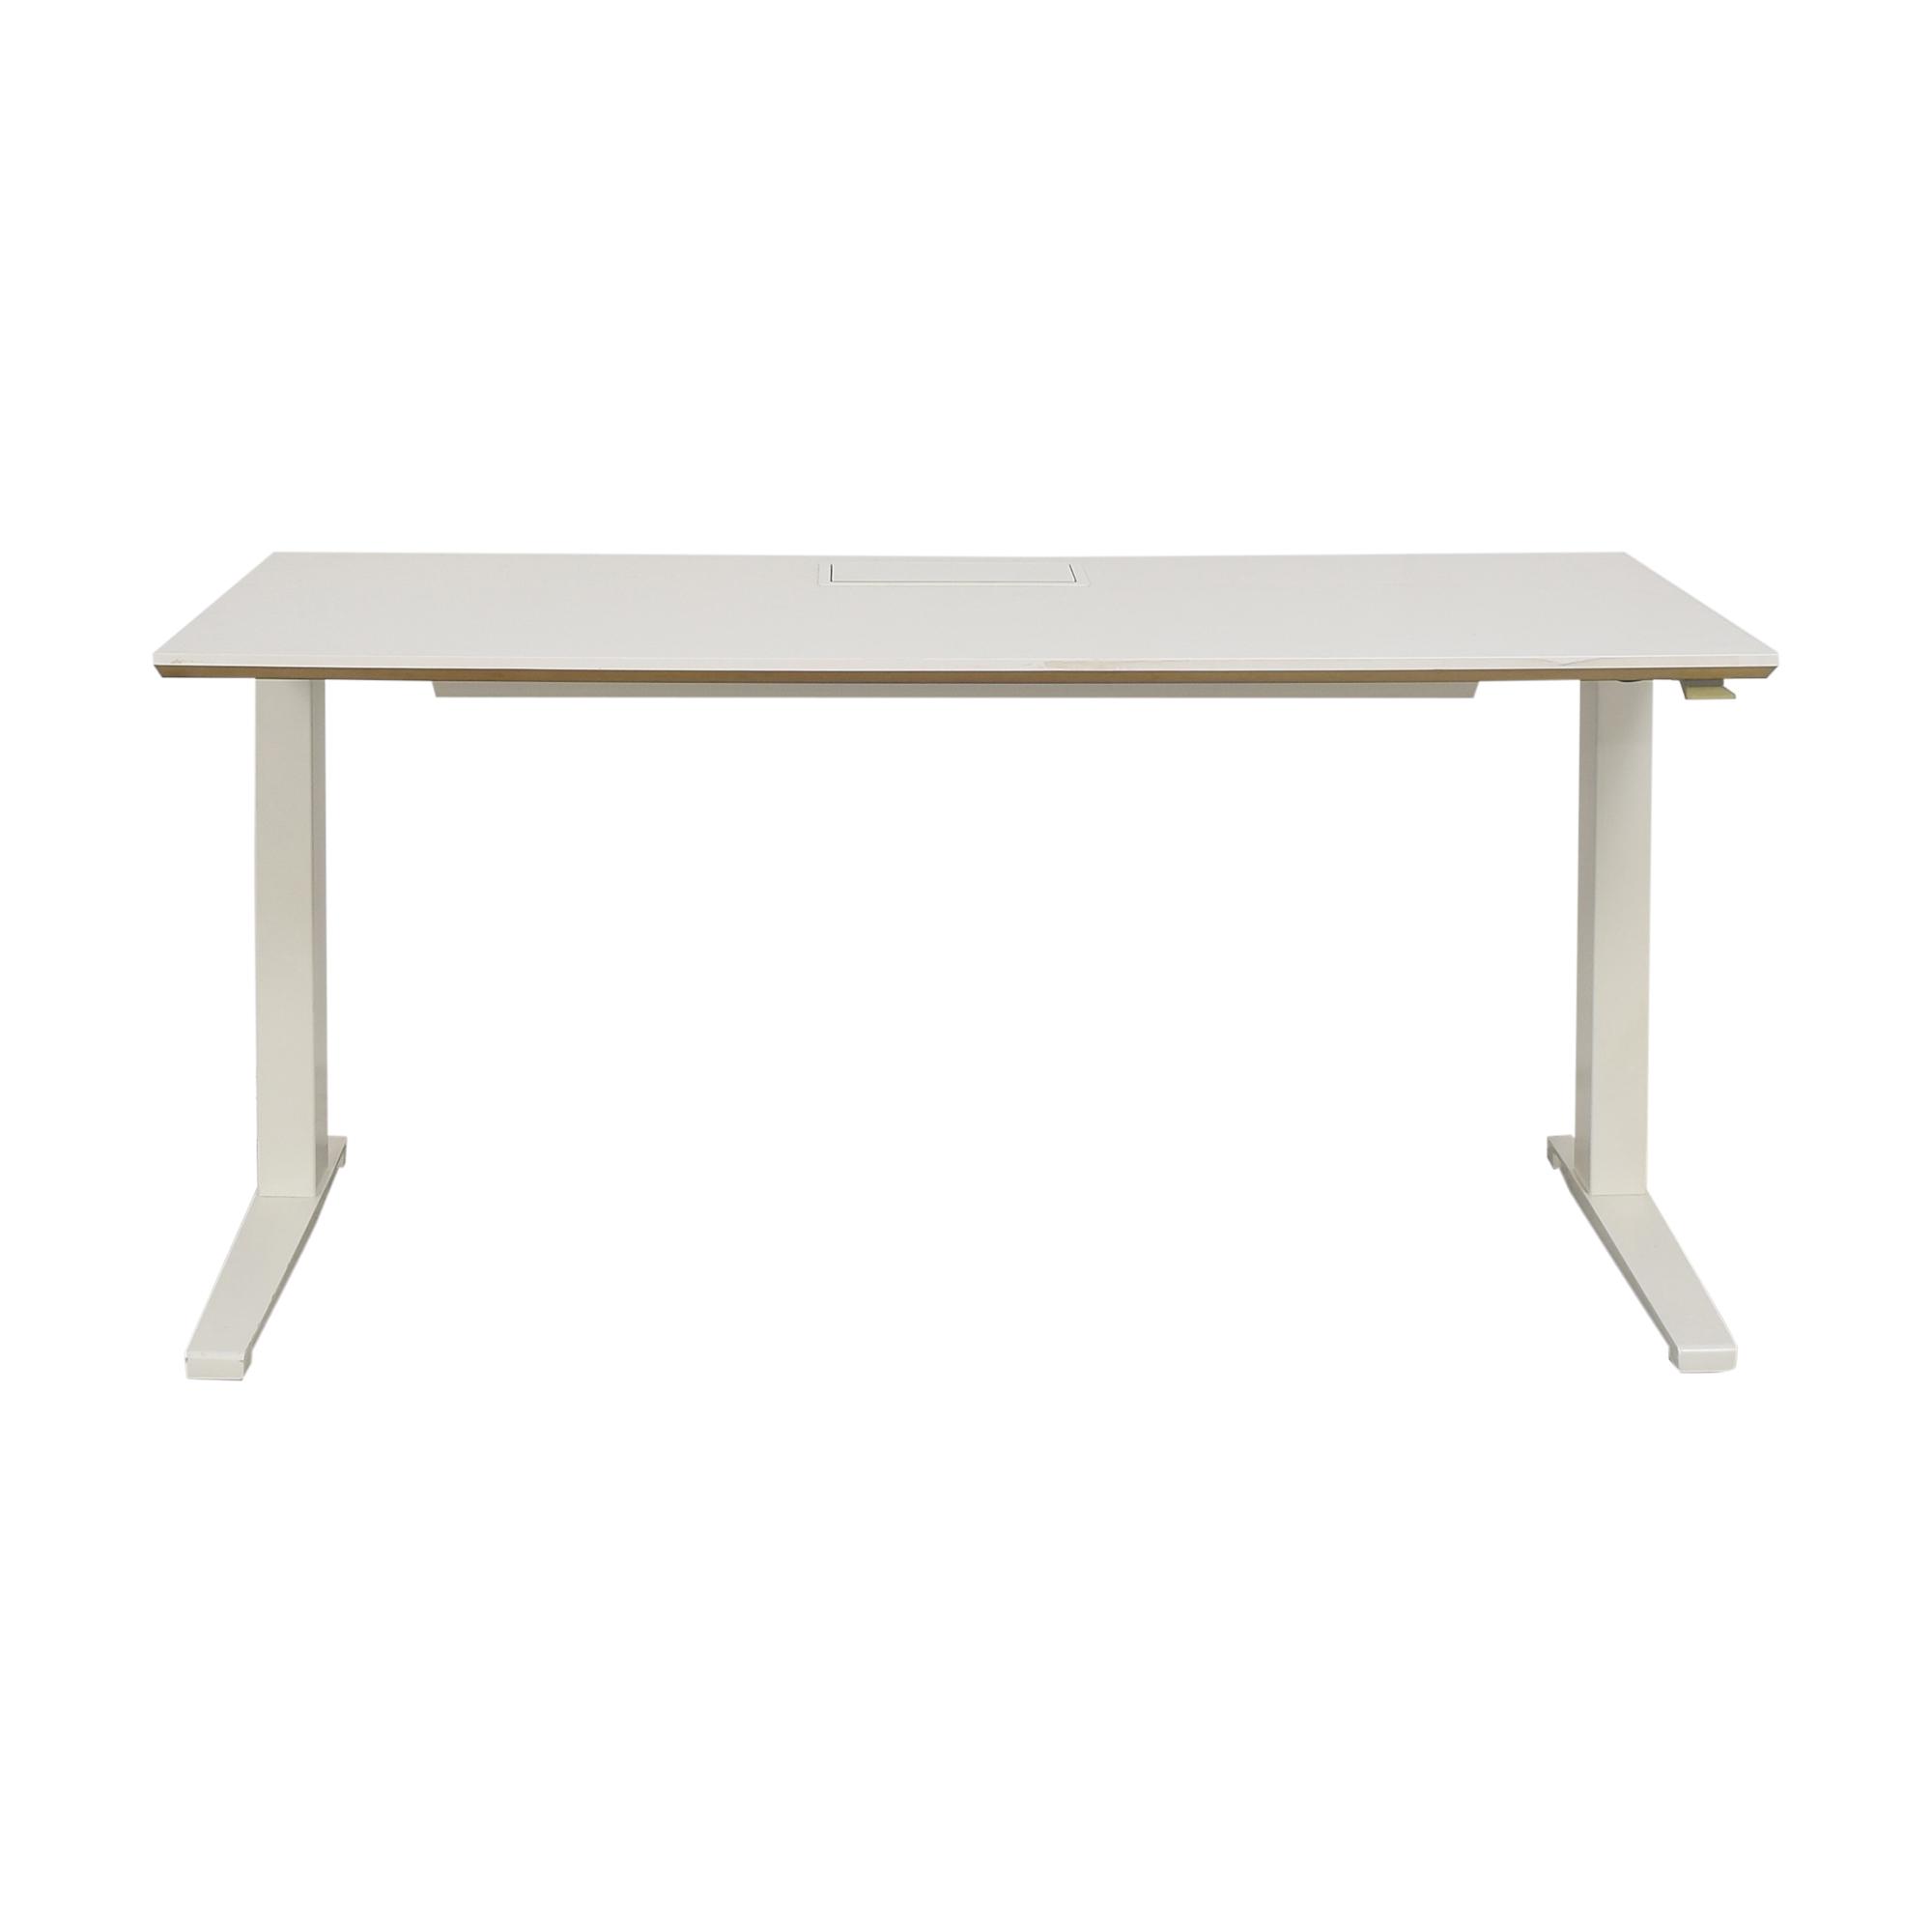 Herman Miller Herman Miller Renew Sit to Stand Desk price